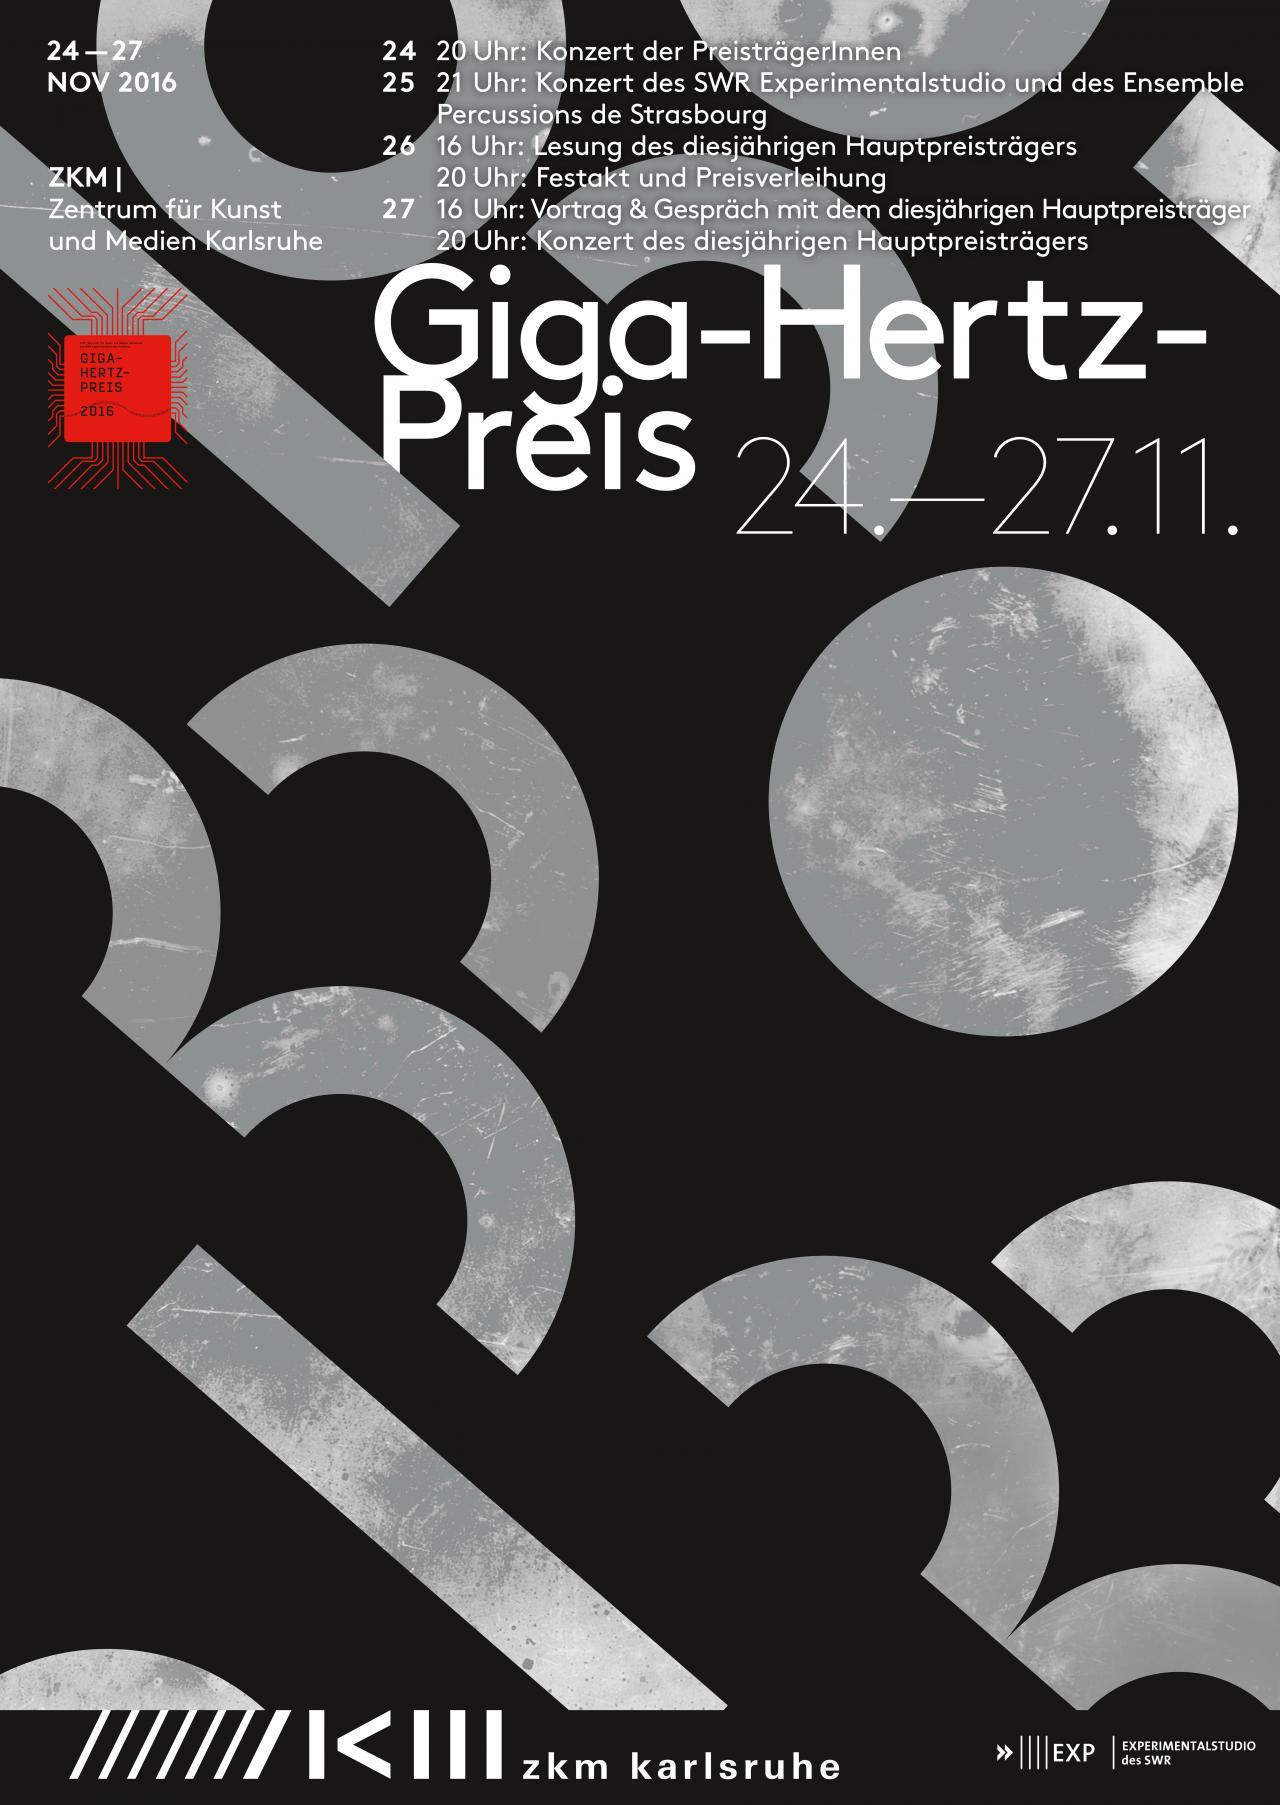 Poster Giga-Hertz Award 2016 at ZKM | Karlsruhe